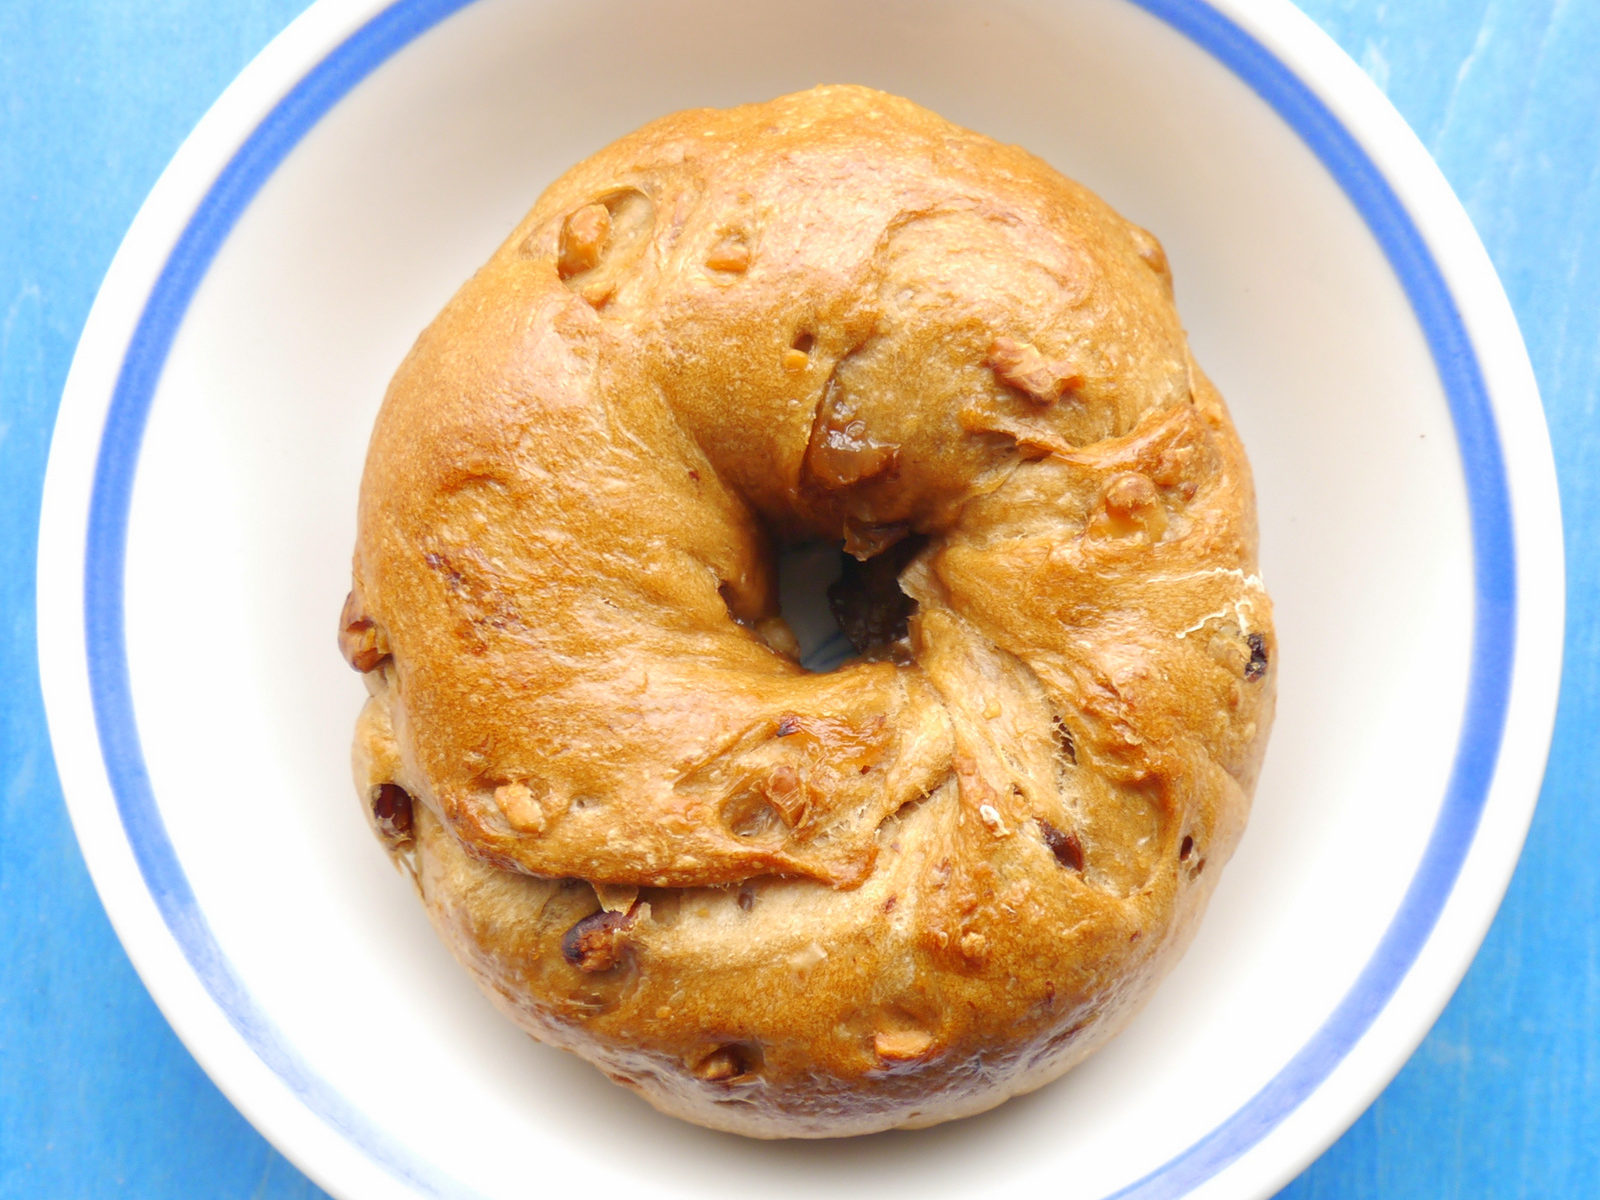 コーベー(コーヒー豆屋のベーグル) サルタナコーヒー